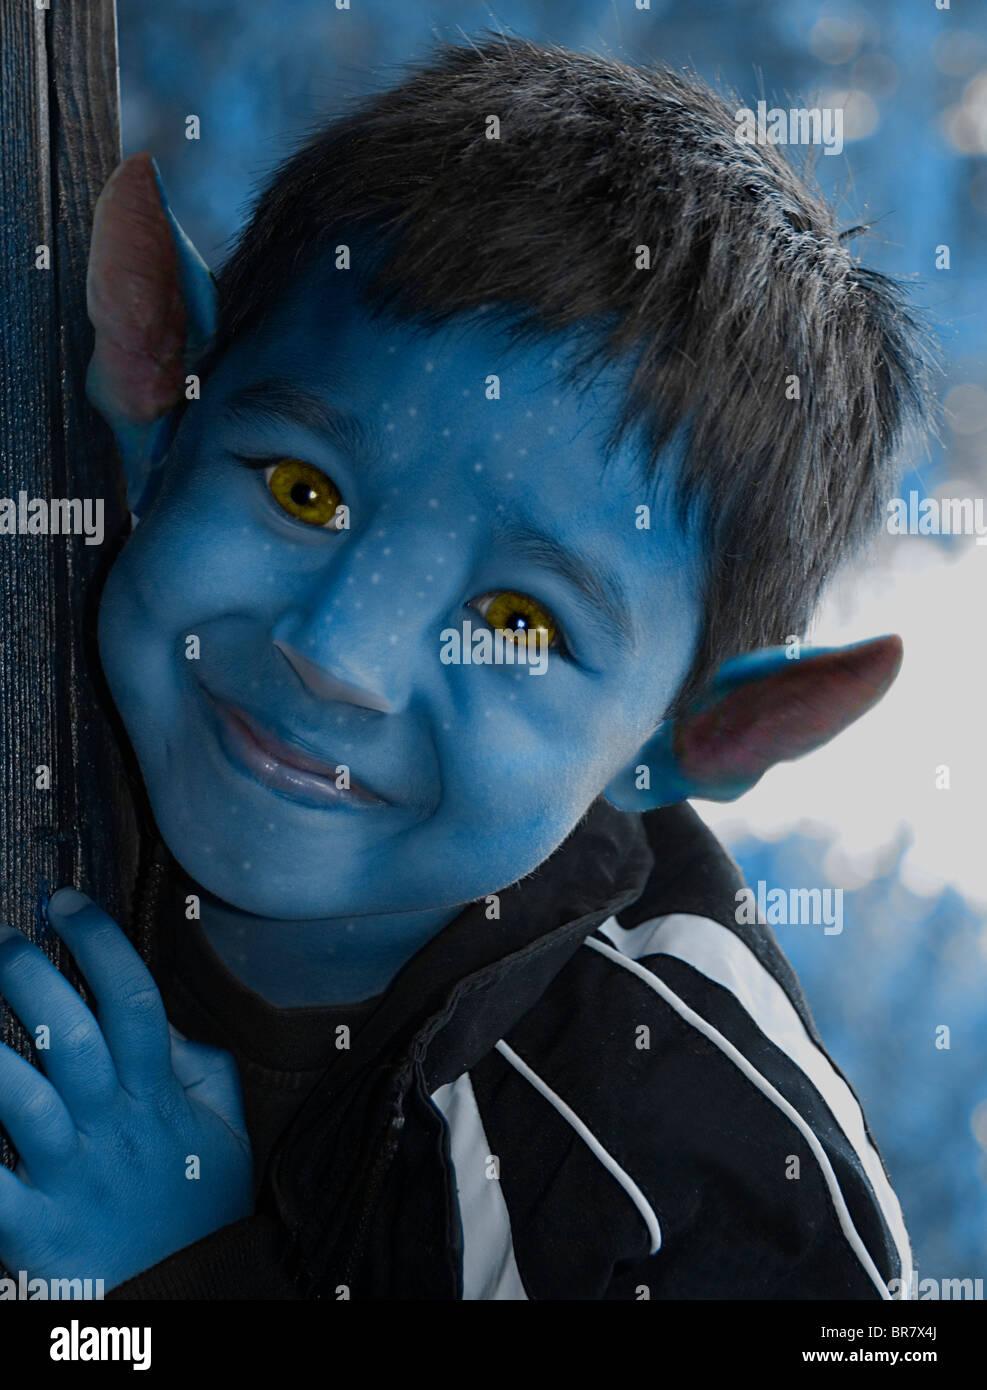 Un giovane ragazzo di avatar. Immagini Stock